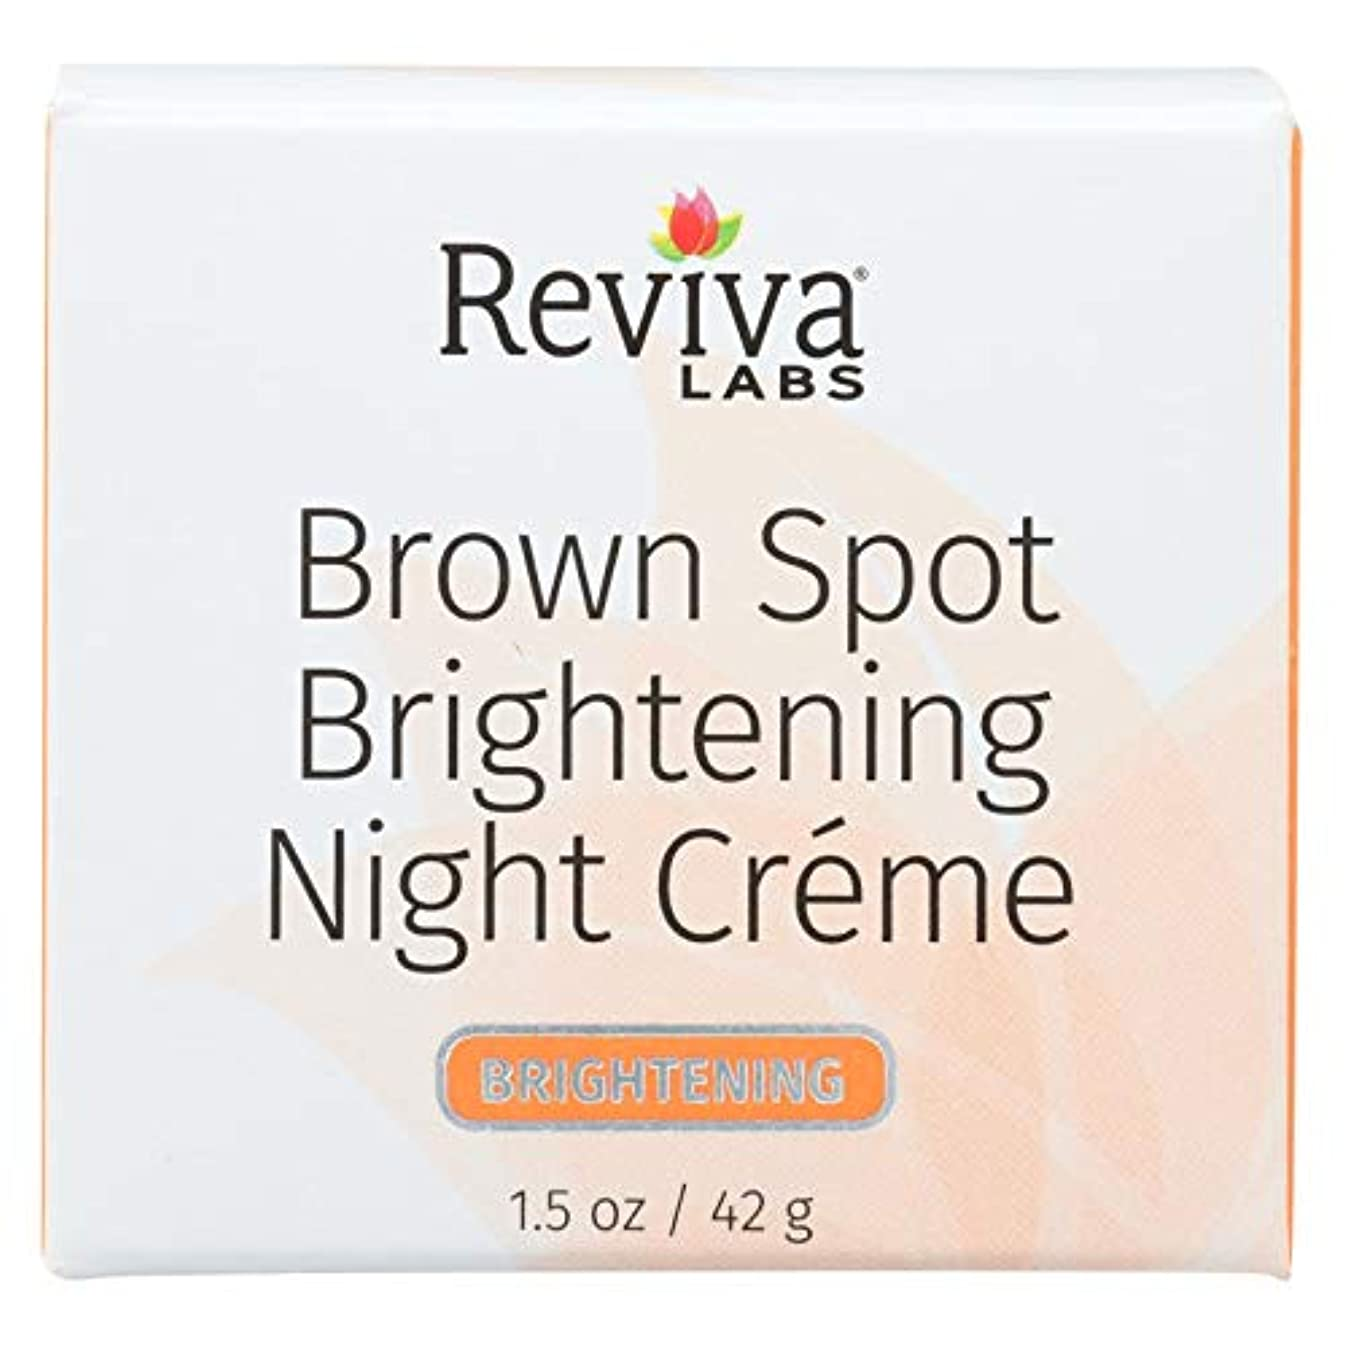 熱狂的な肌等々[海外直送品]  ブラウン スポット ナイトクリーム 42g  ハイドロキノン2%配合